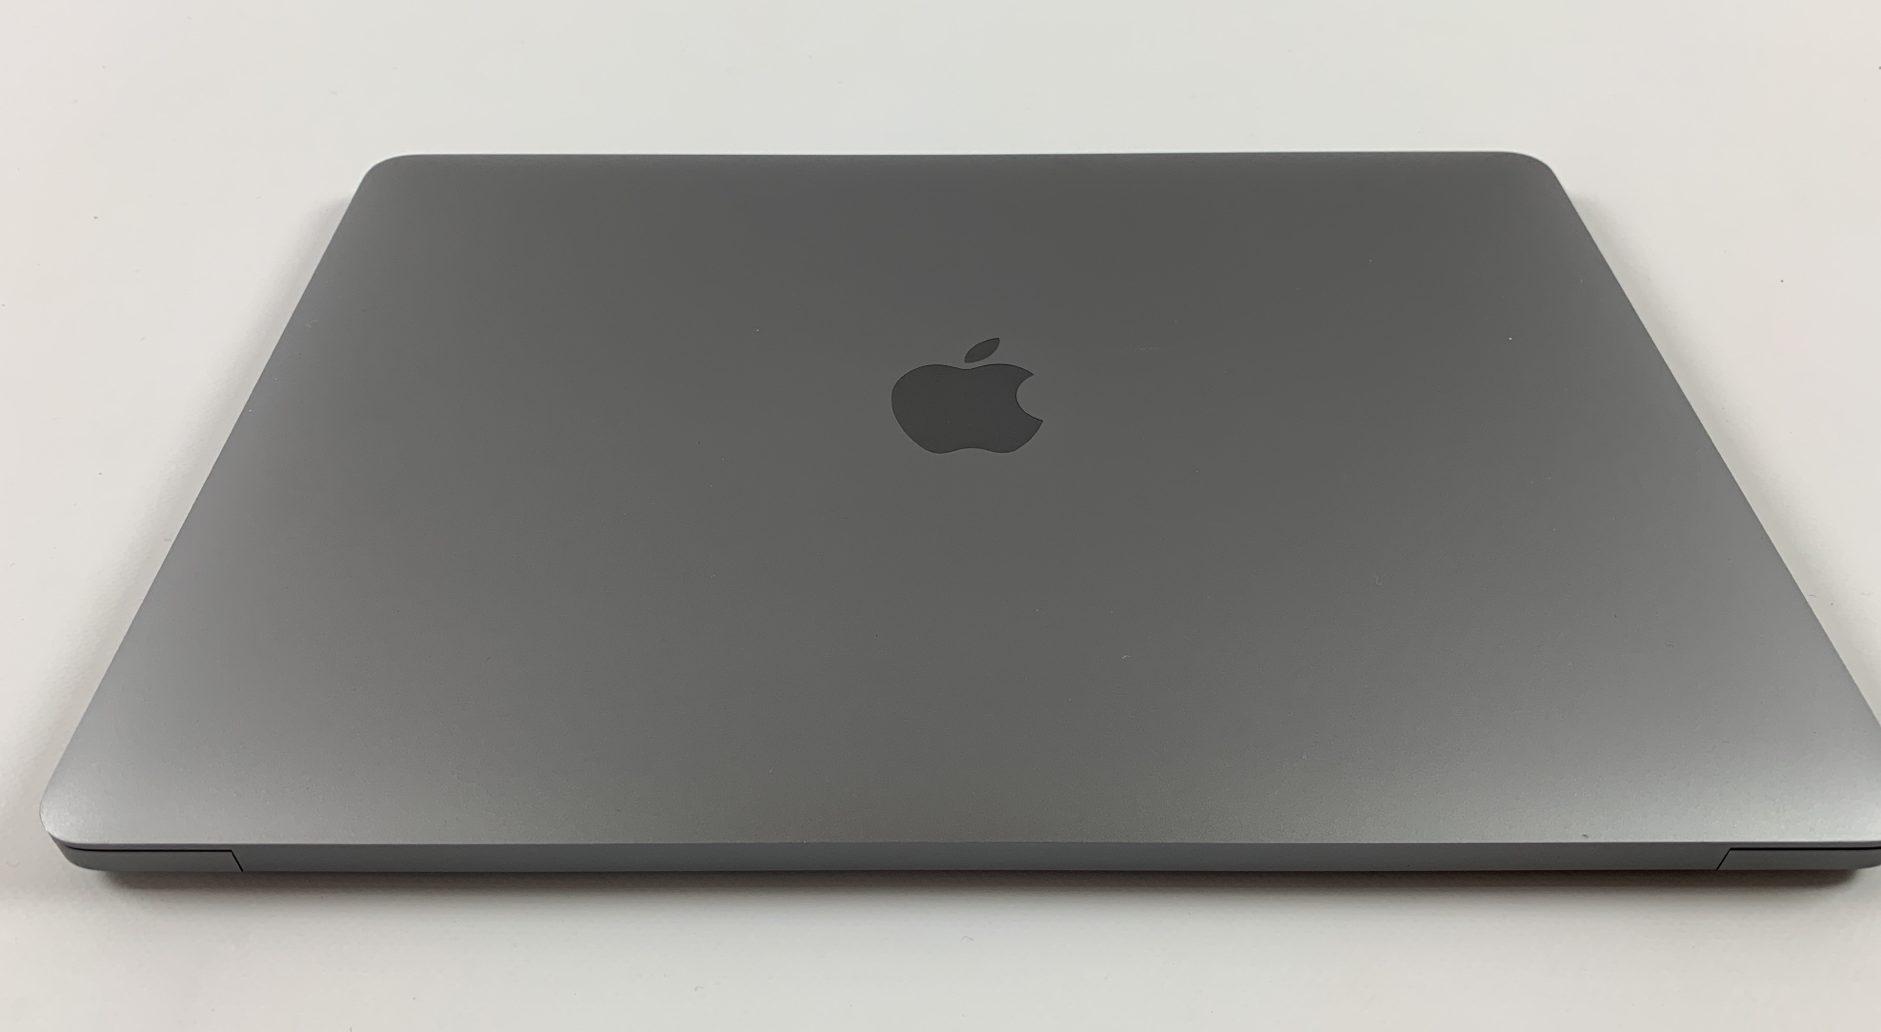 """MacBook Pro 13"""" 4TBT Mid 2019 (Intel Quad-Core i5 2.4 GHz 8 GB RAM 256 GB SSD), Space Gray, Intel Quad-Core i5 2.4 GHz, 8 GB RAM, 256 GB SSD, image 2"""